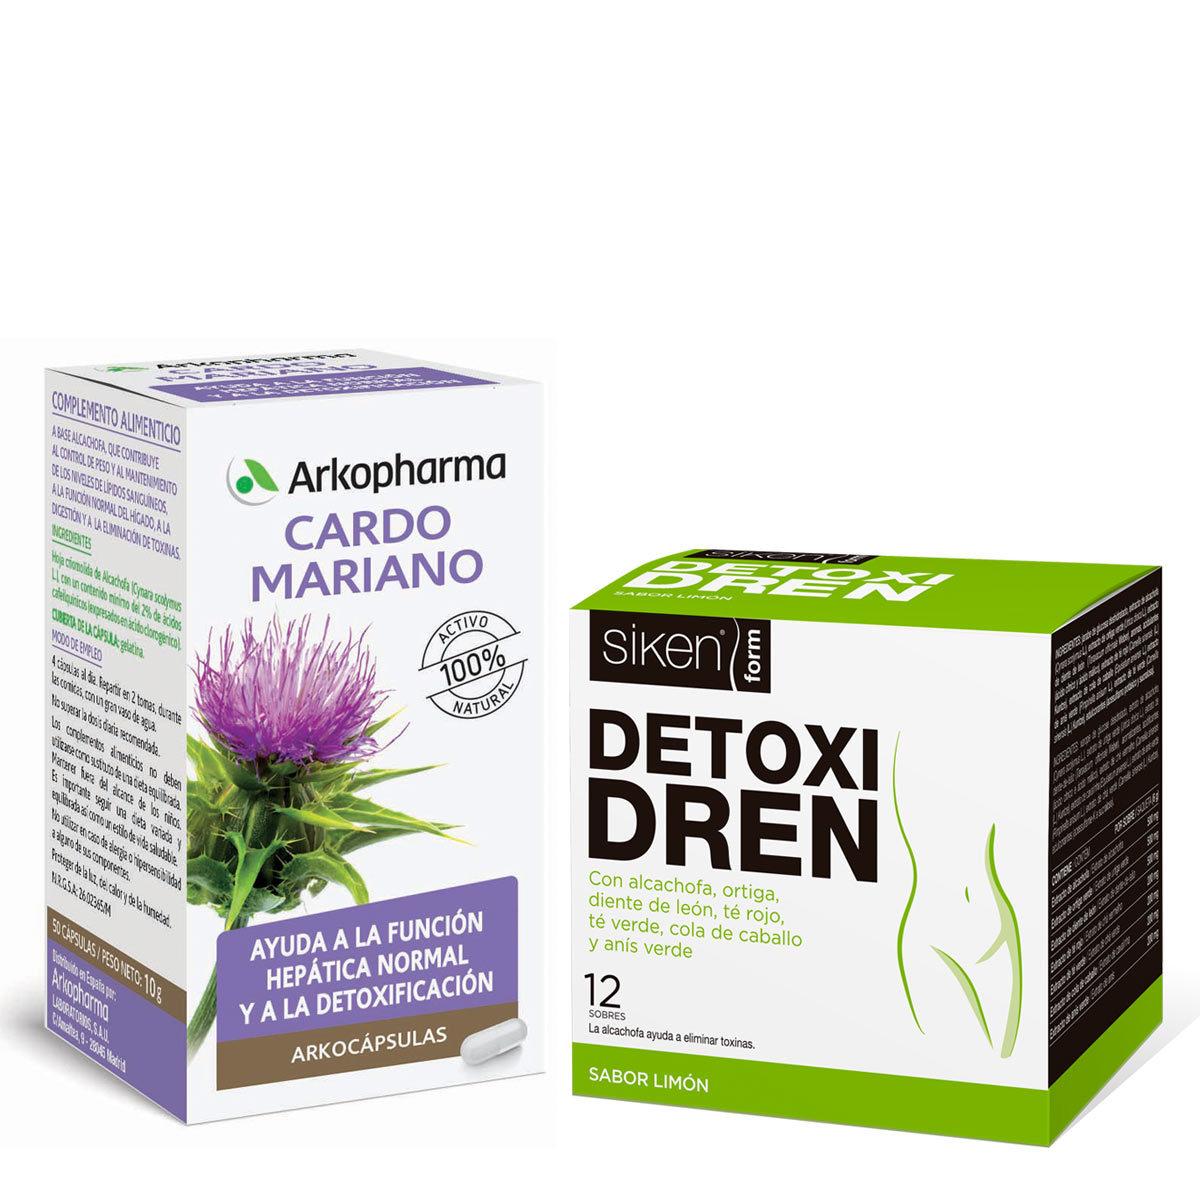 Arkocápsulas Cardo Mariano, Arkopharma (8,40 euros), Detoxidren,...